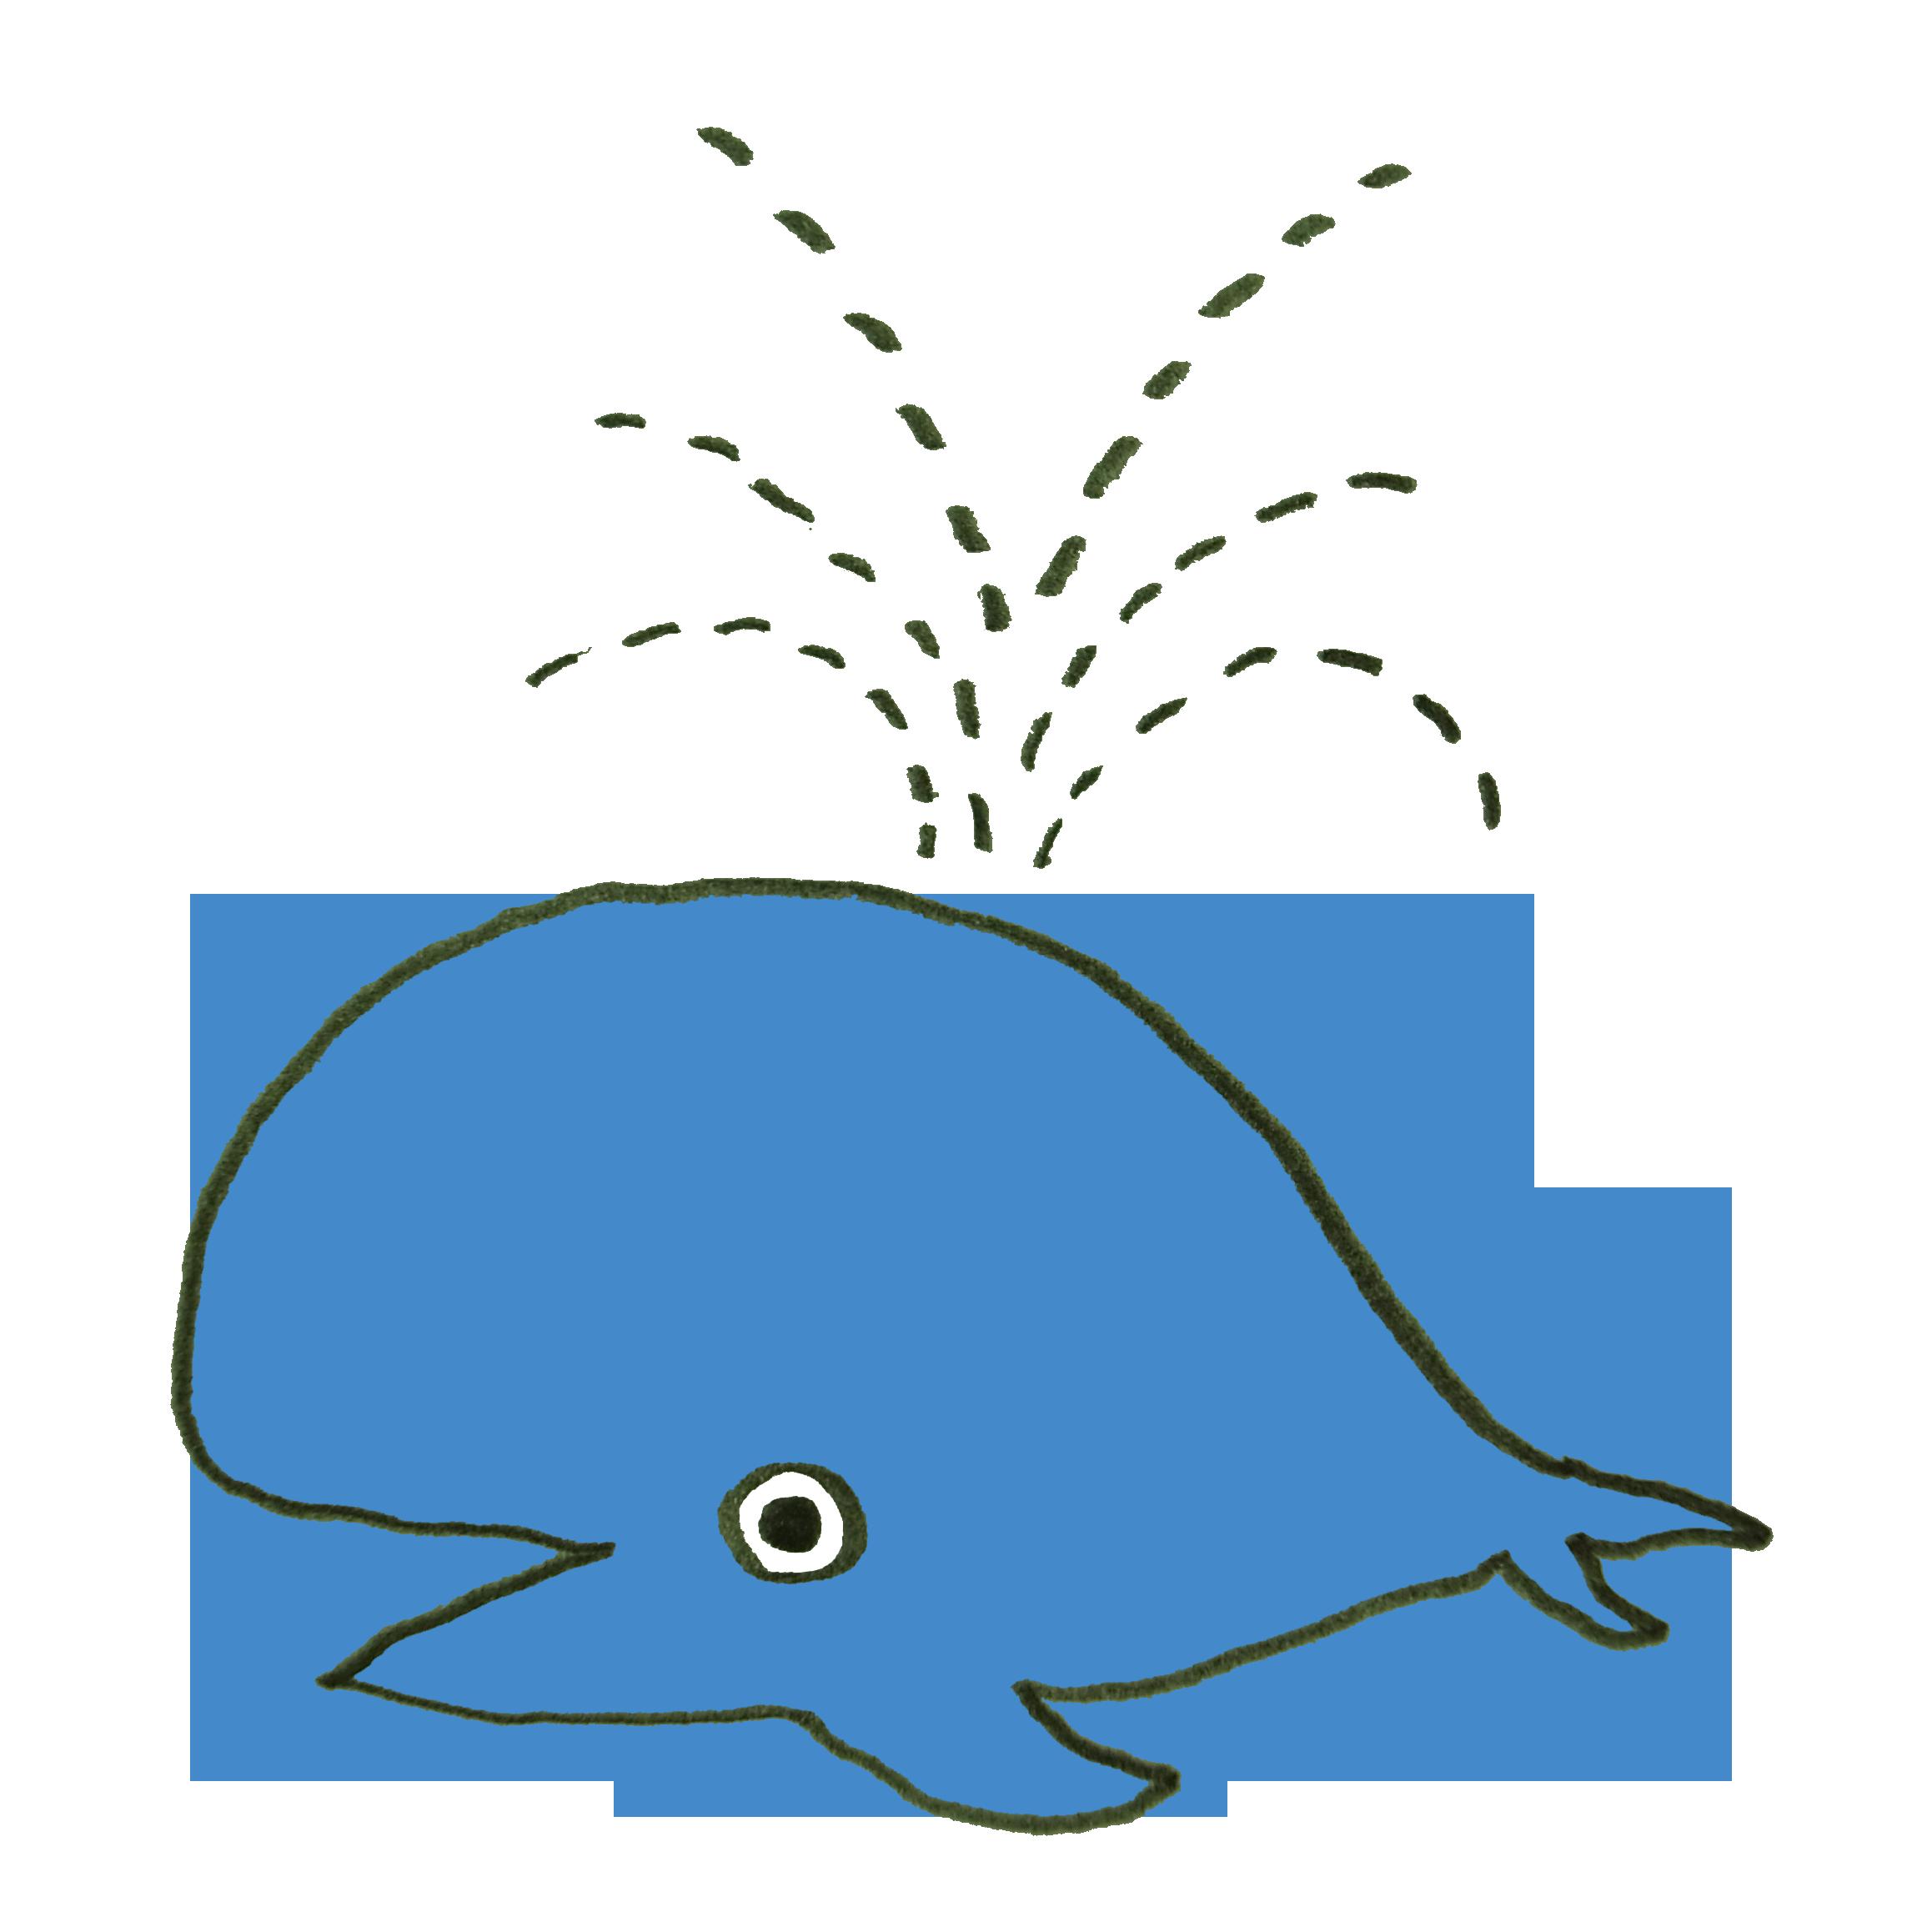 潮を吹くクジラのイラスト ゆるくてかわいい無料イラスト素材屋